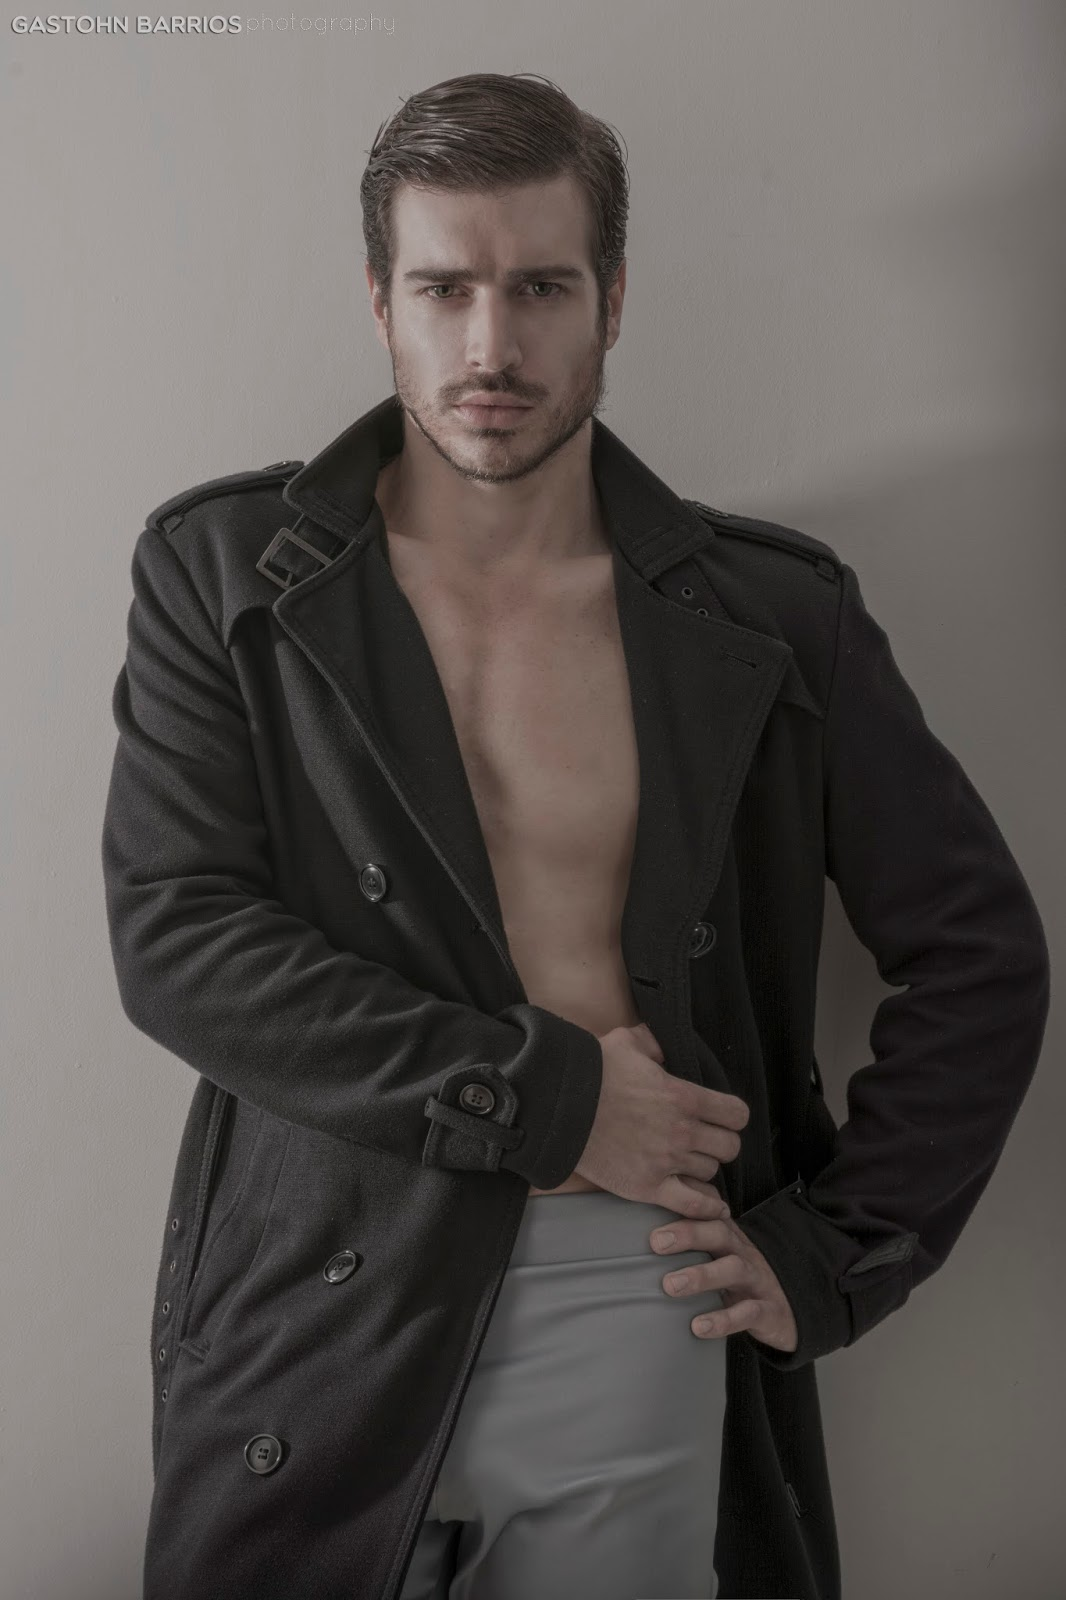 Juan Pablo Solito by Gastohn Barrios